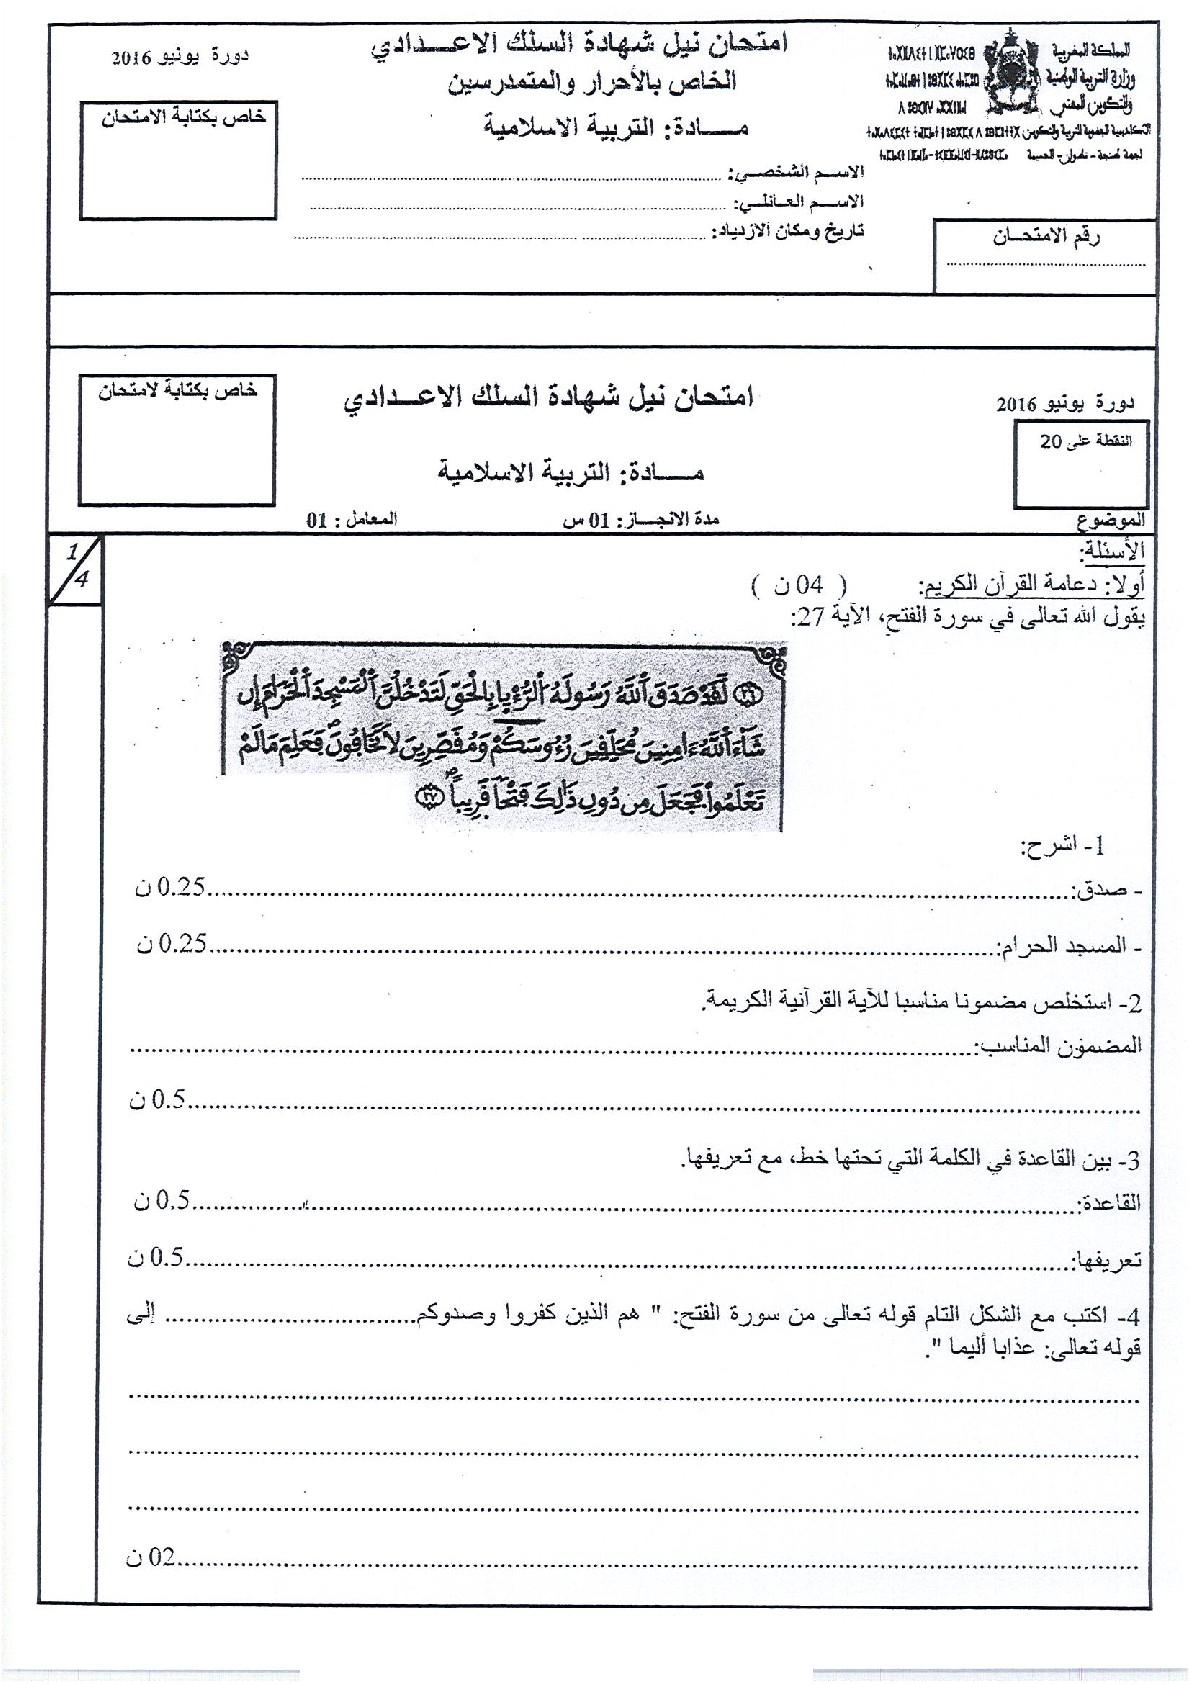 الامتحان الجهوي في التربية الإسلامية الثالثة اعدادي 2016